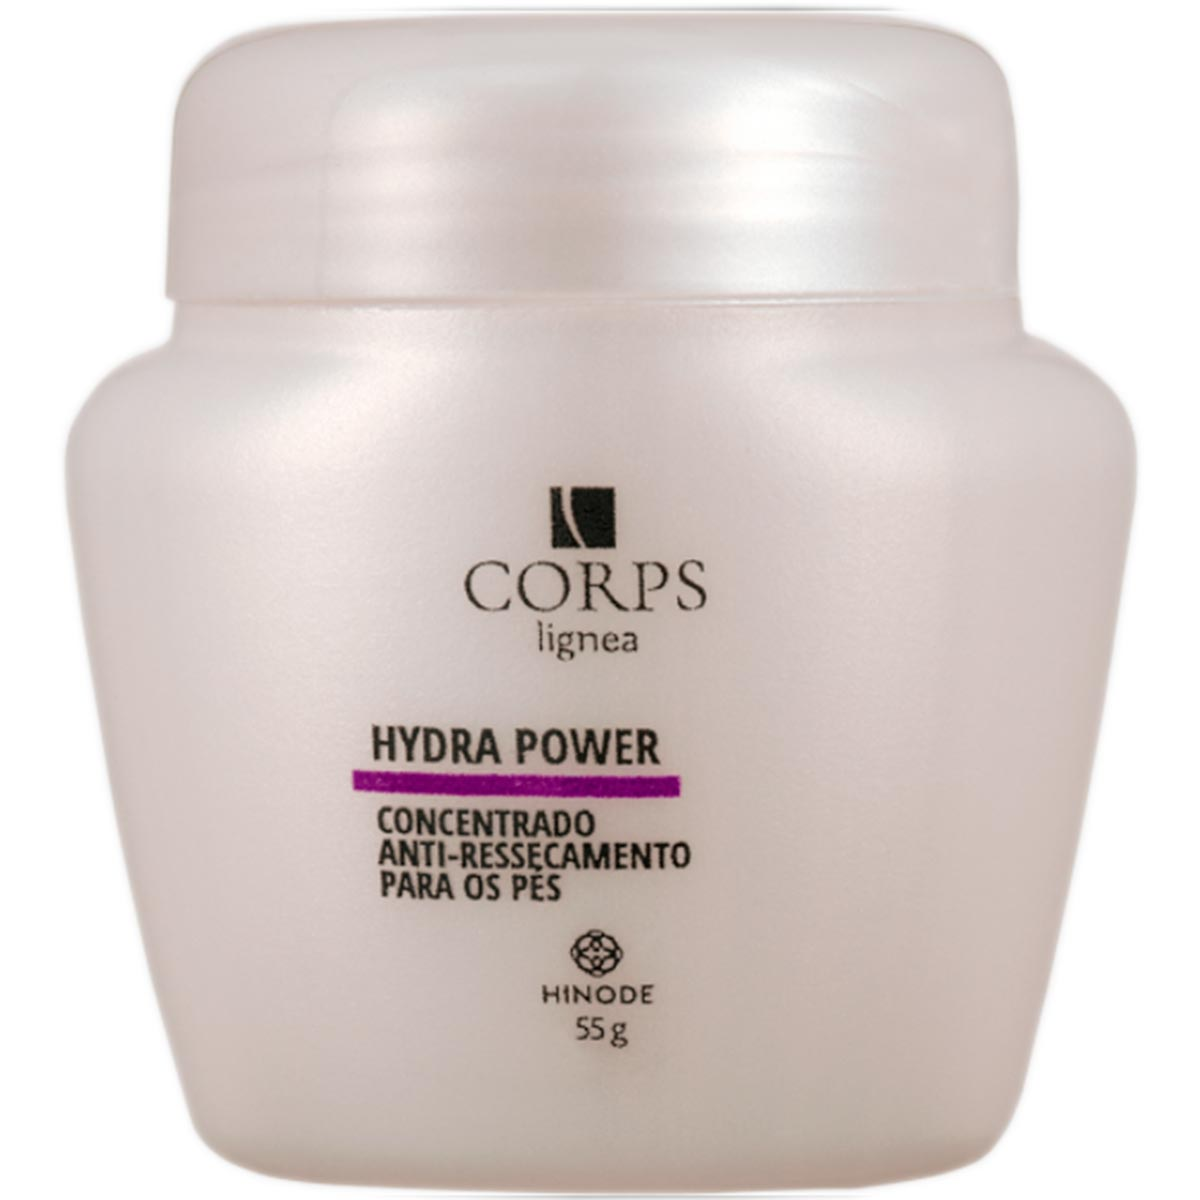 Hidratante Anti-Ressecamento Para os Pés Hydra Power 55g - Hinode